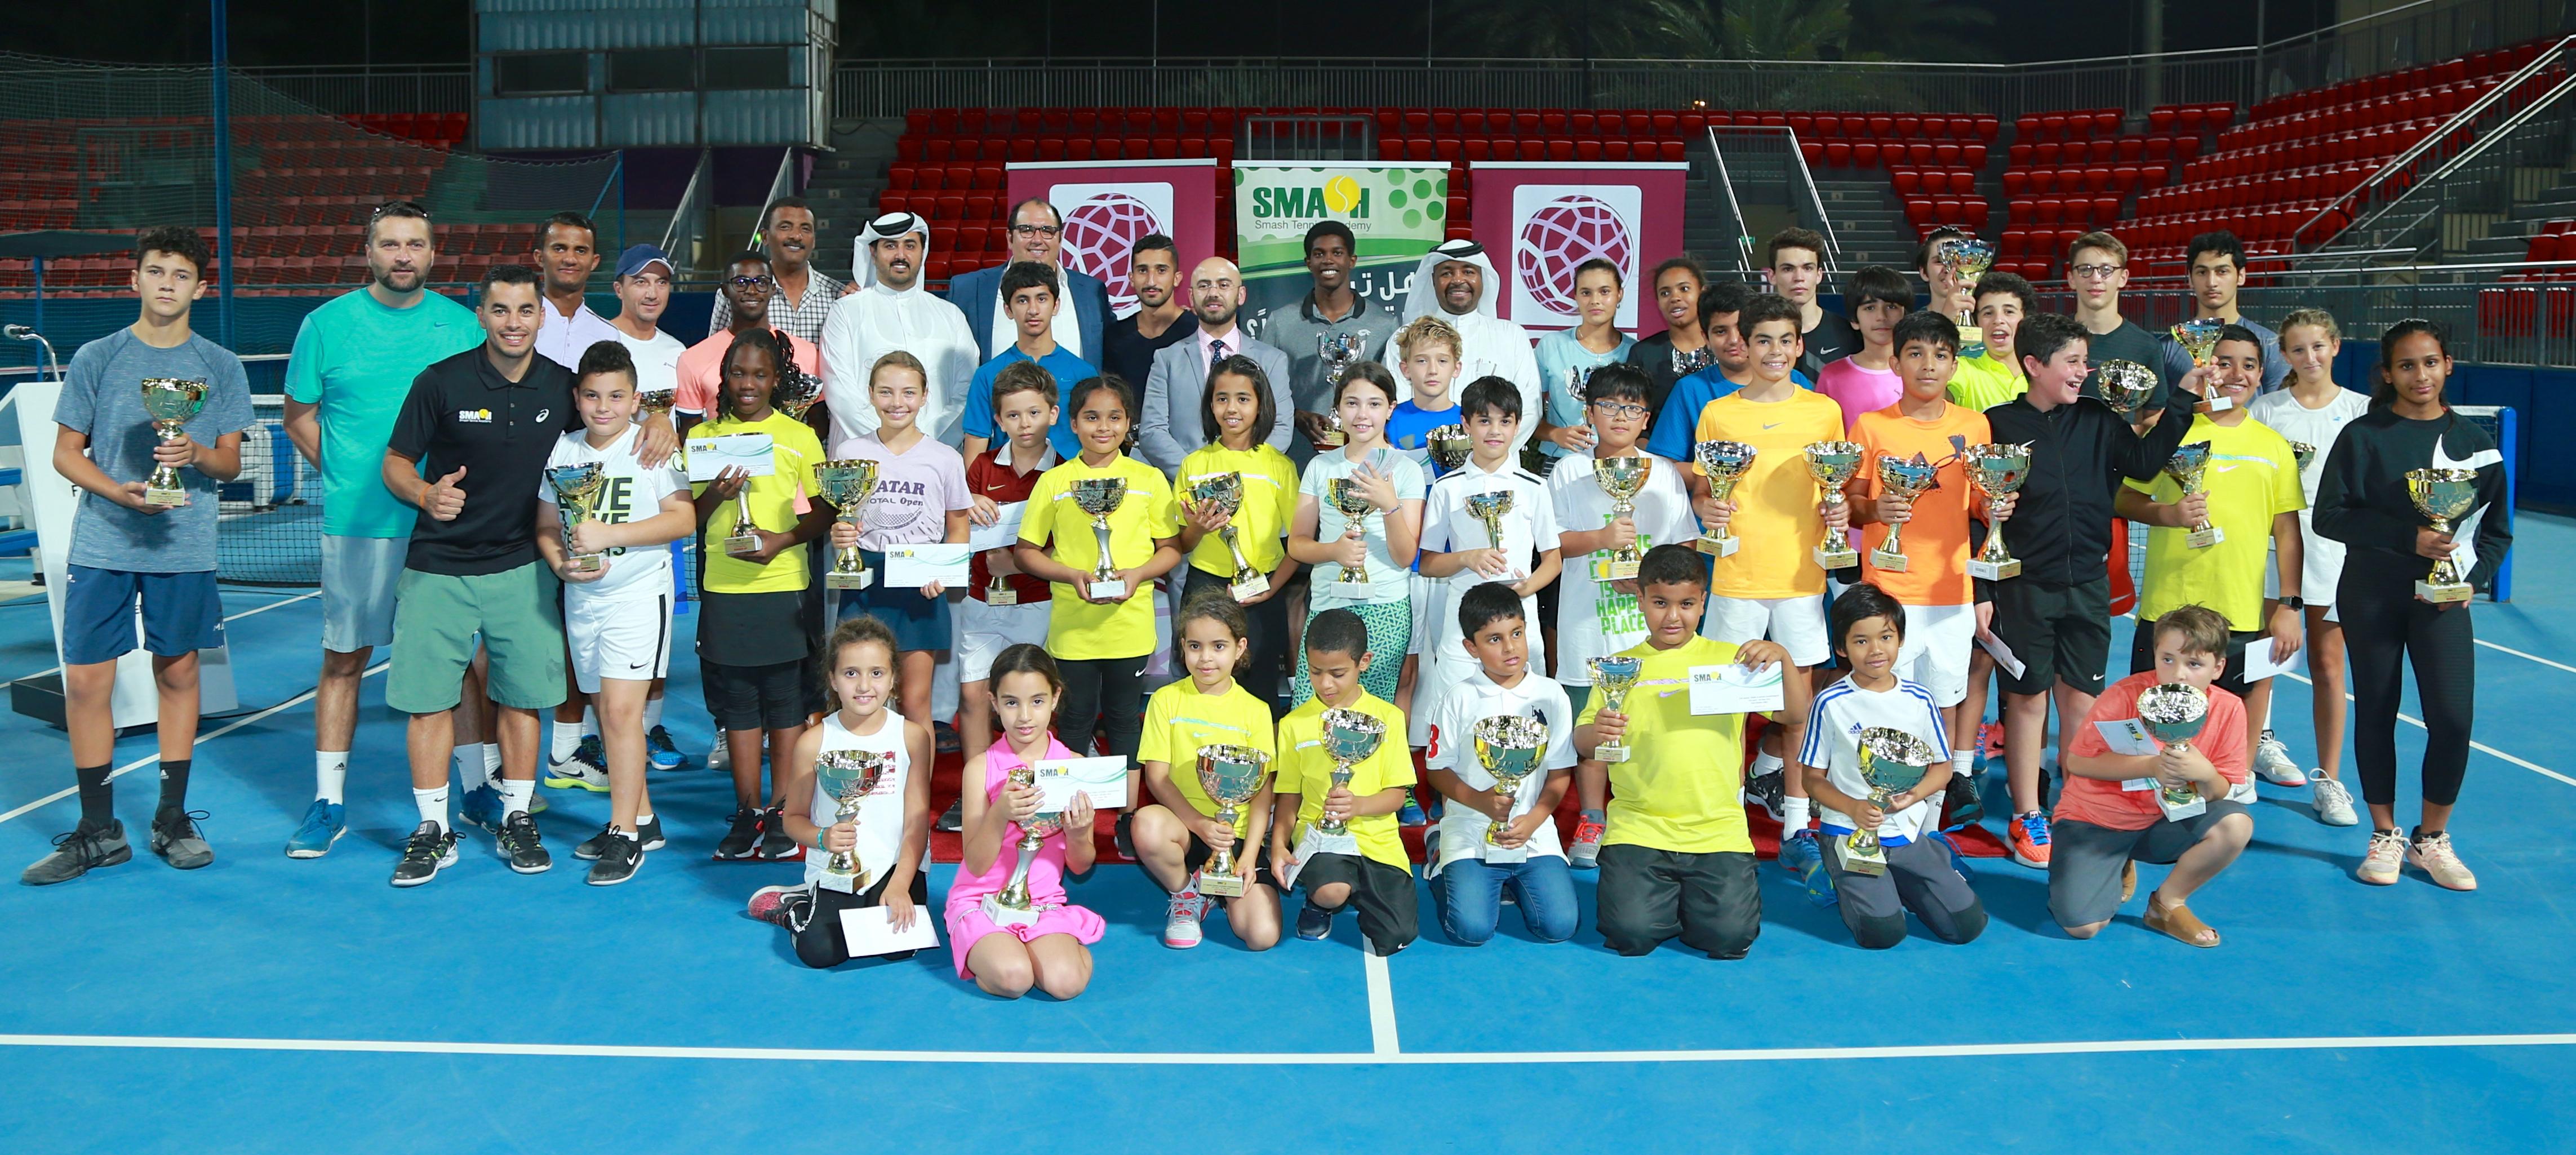 تتويج الفائزين في ختام بطولة أكاديميةسماش المفتوحةللتنس